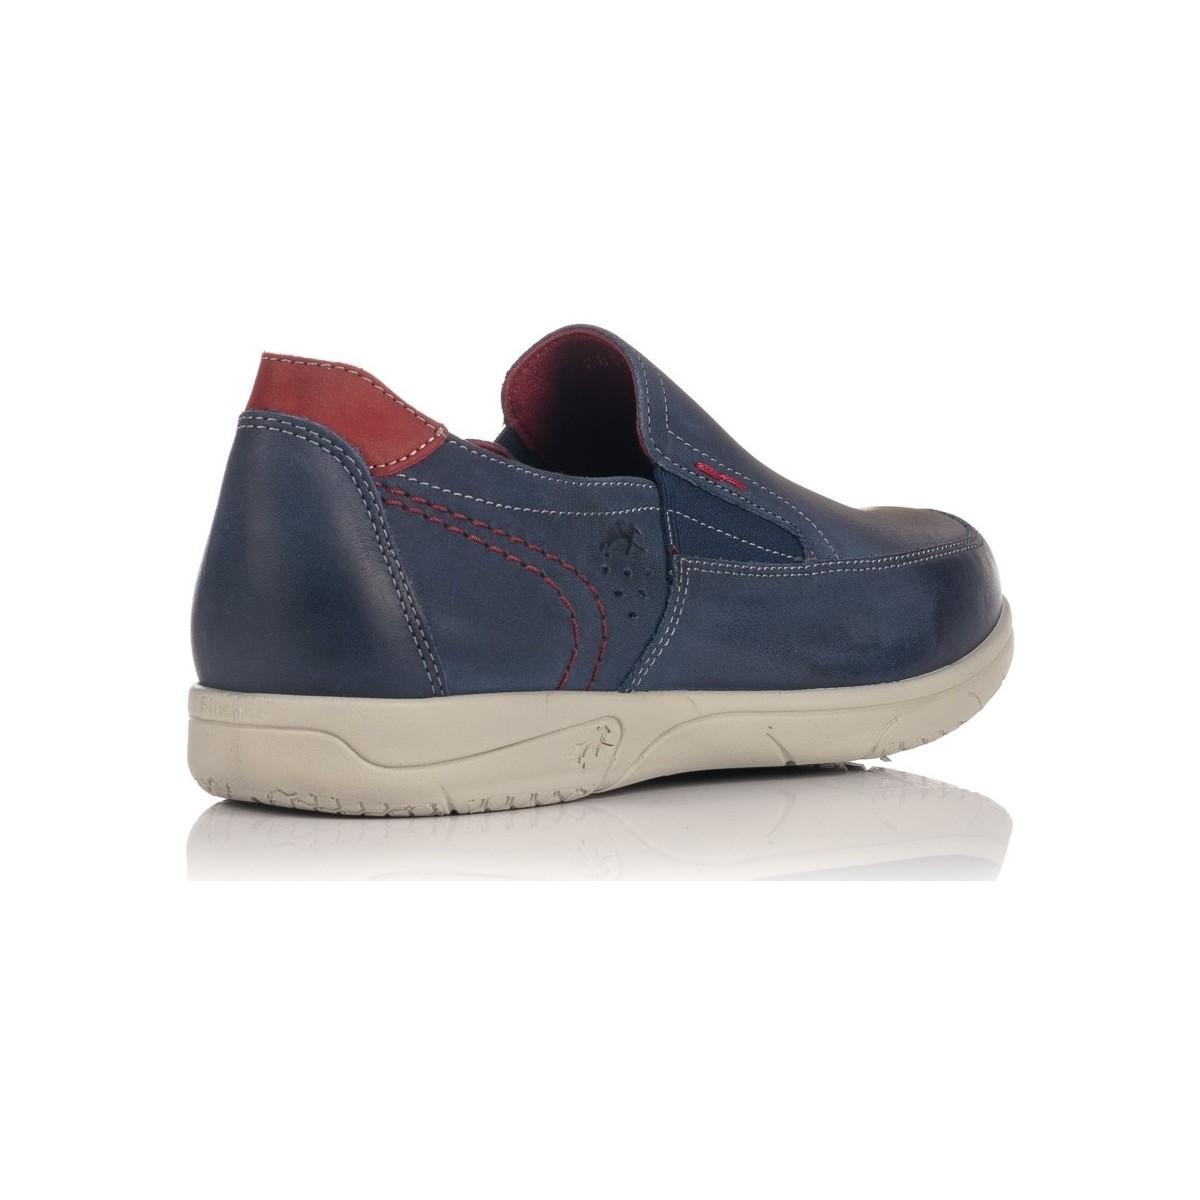 0107 Chaussures Fluchos pour homme en coloris Bleu